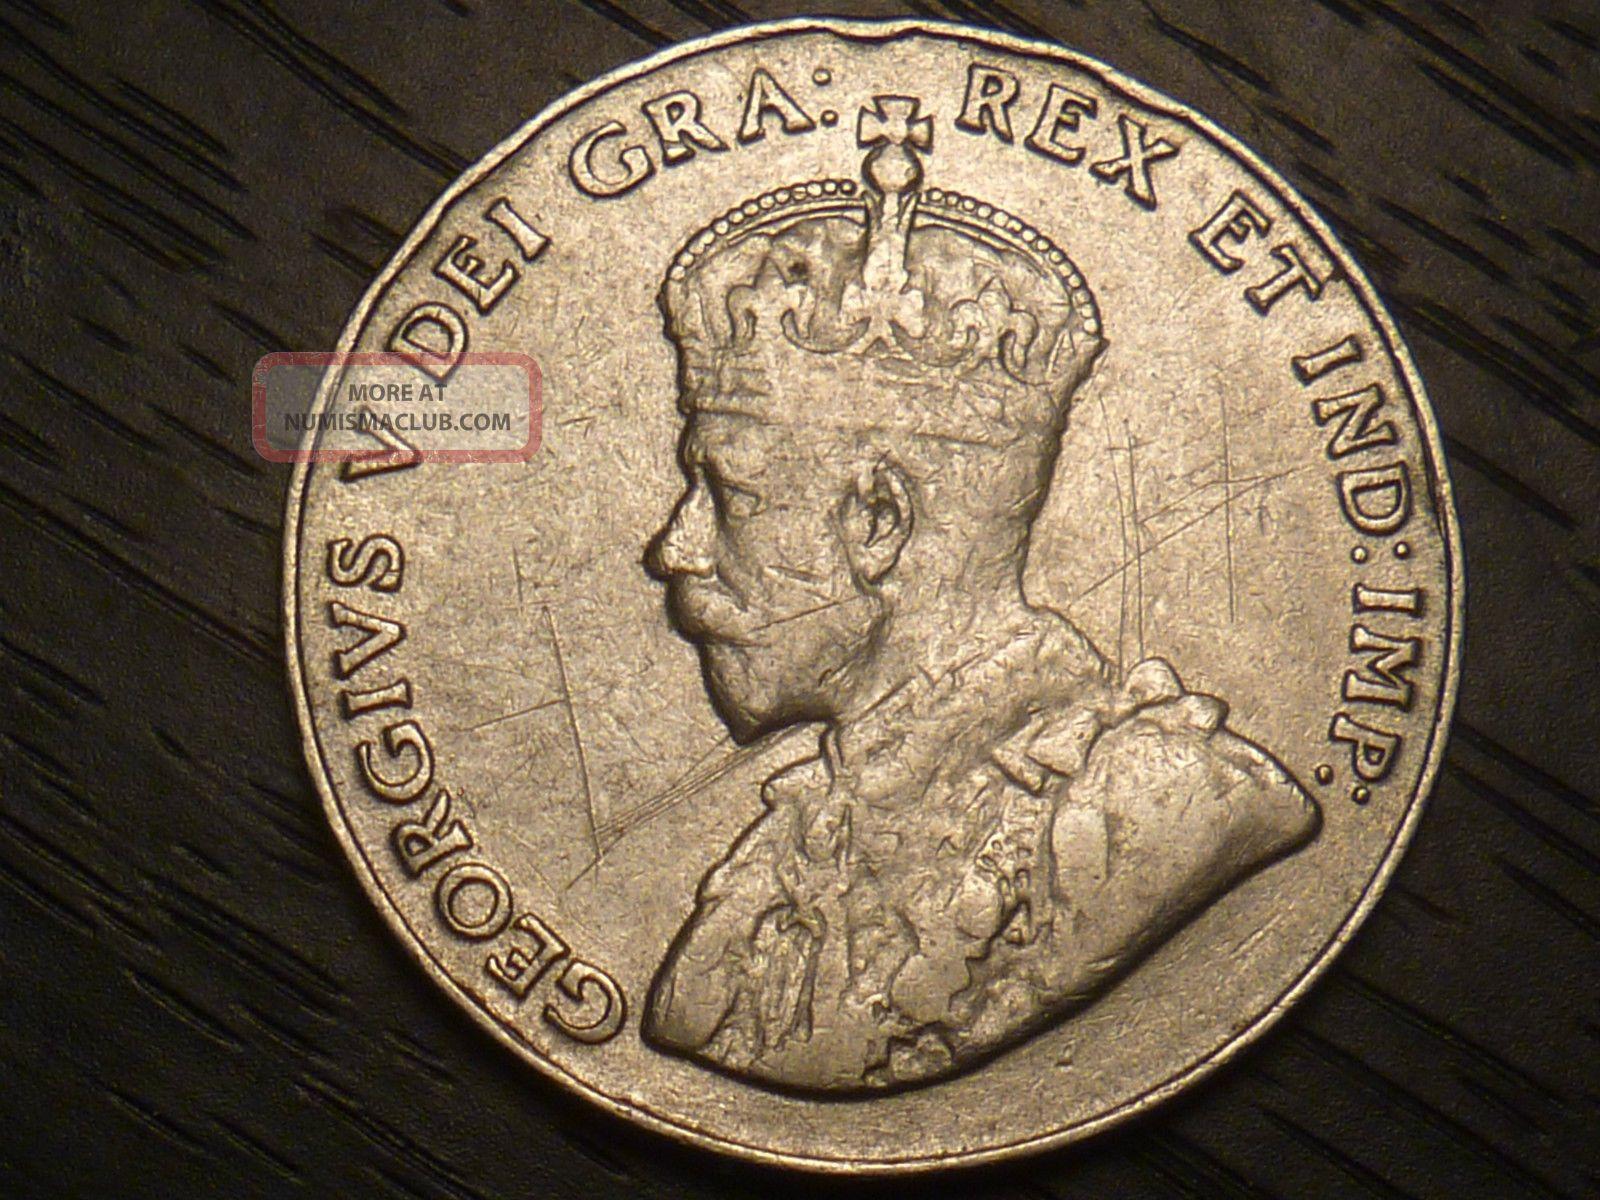 5 cent rare coins